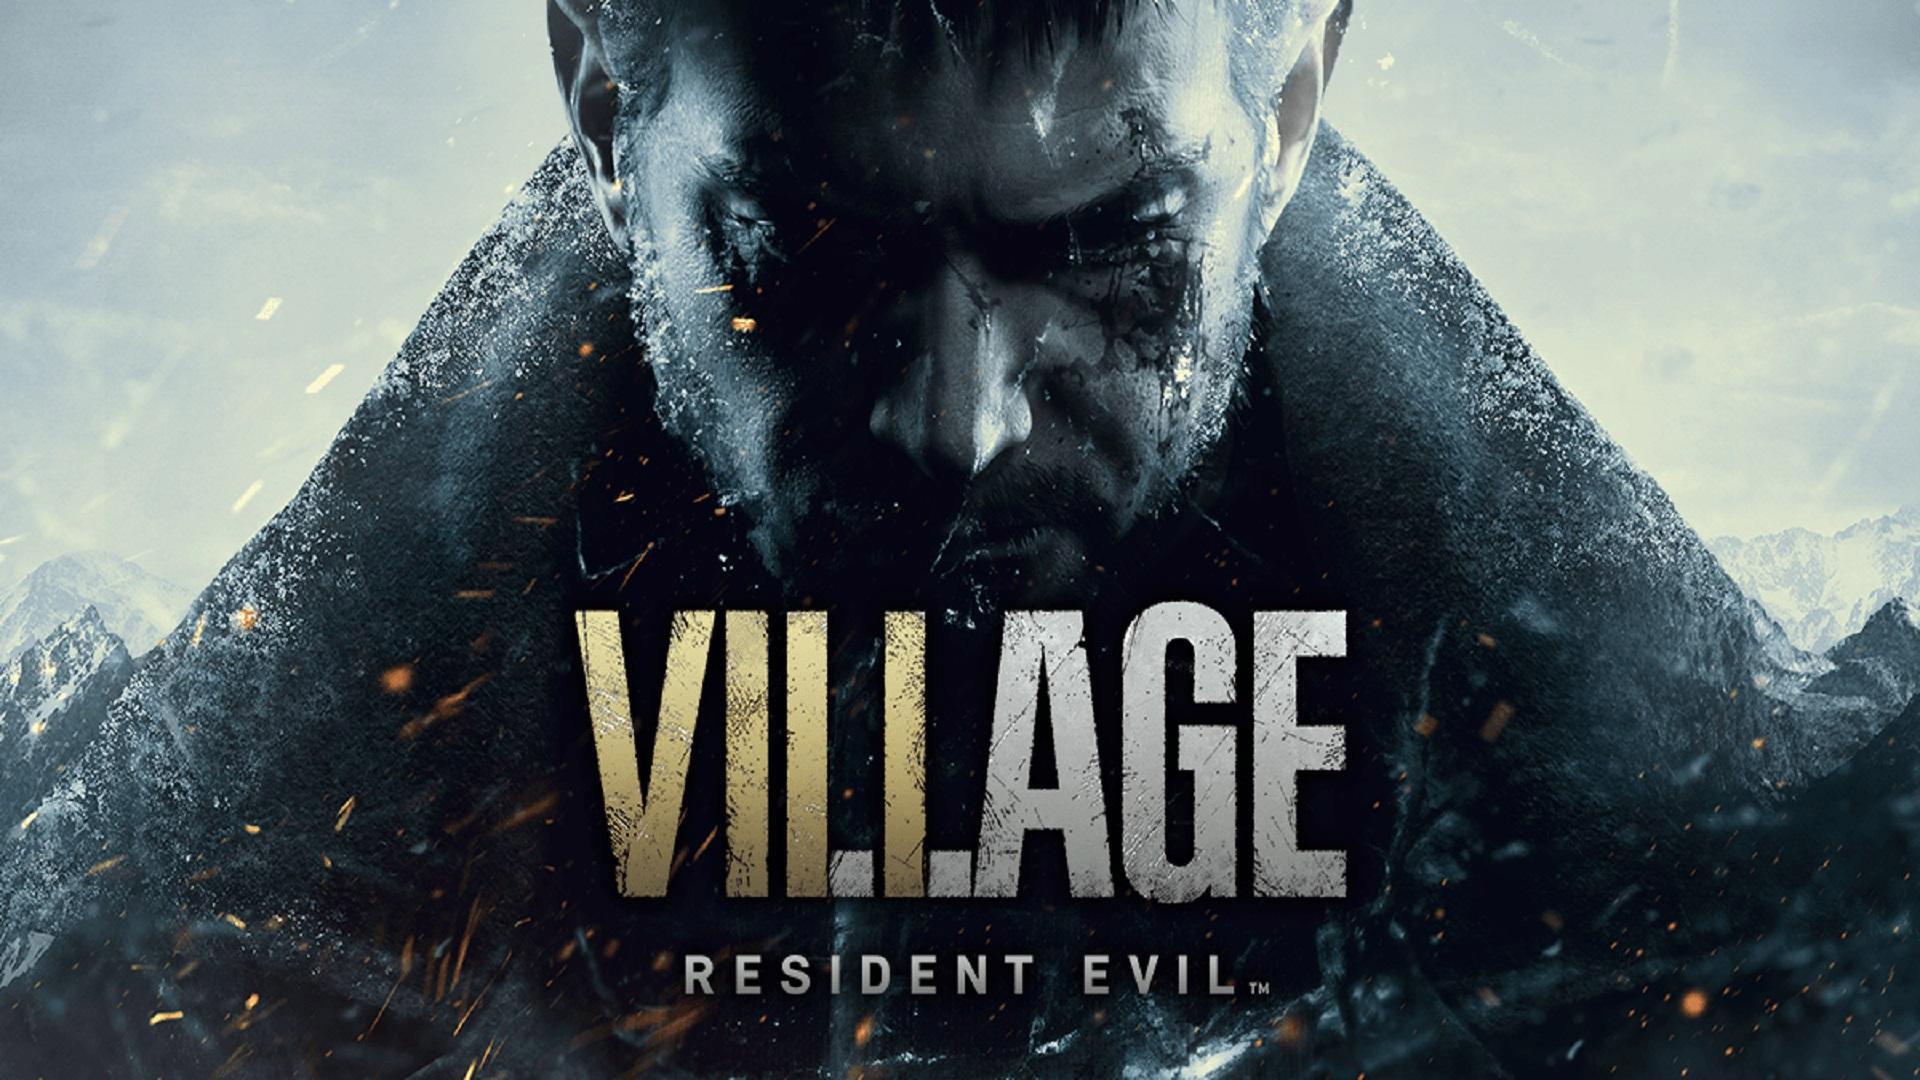 Resident Evil Village Wallpaper in 1920x1080